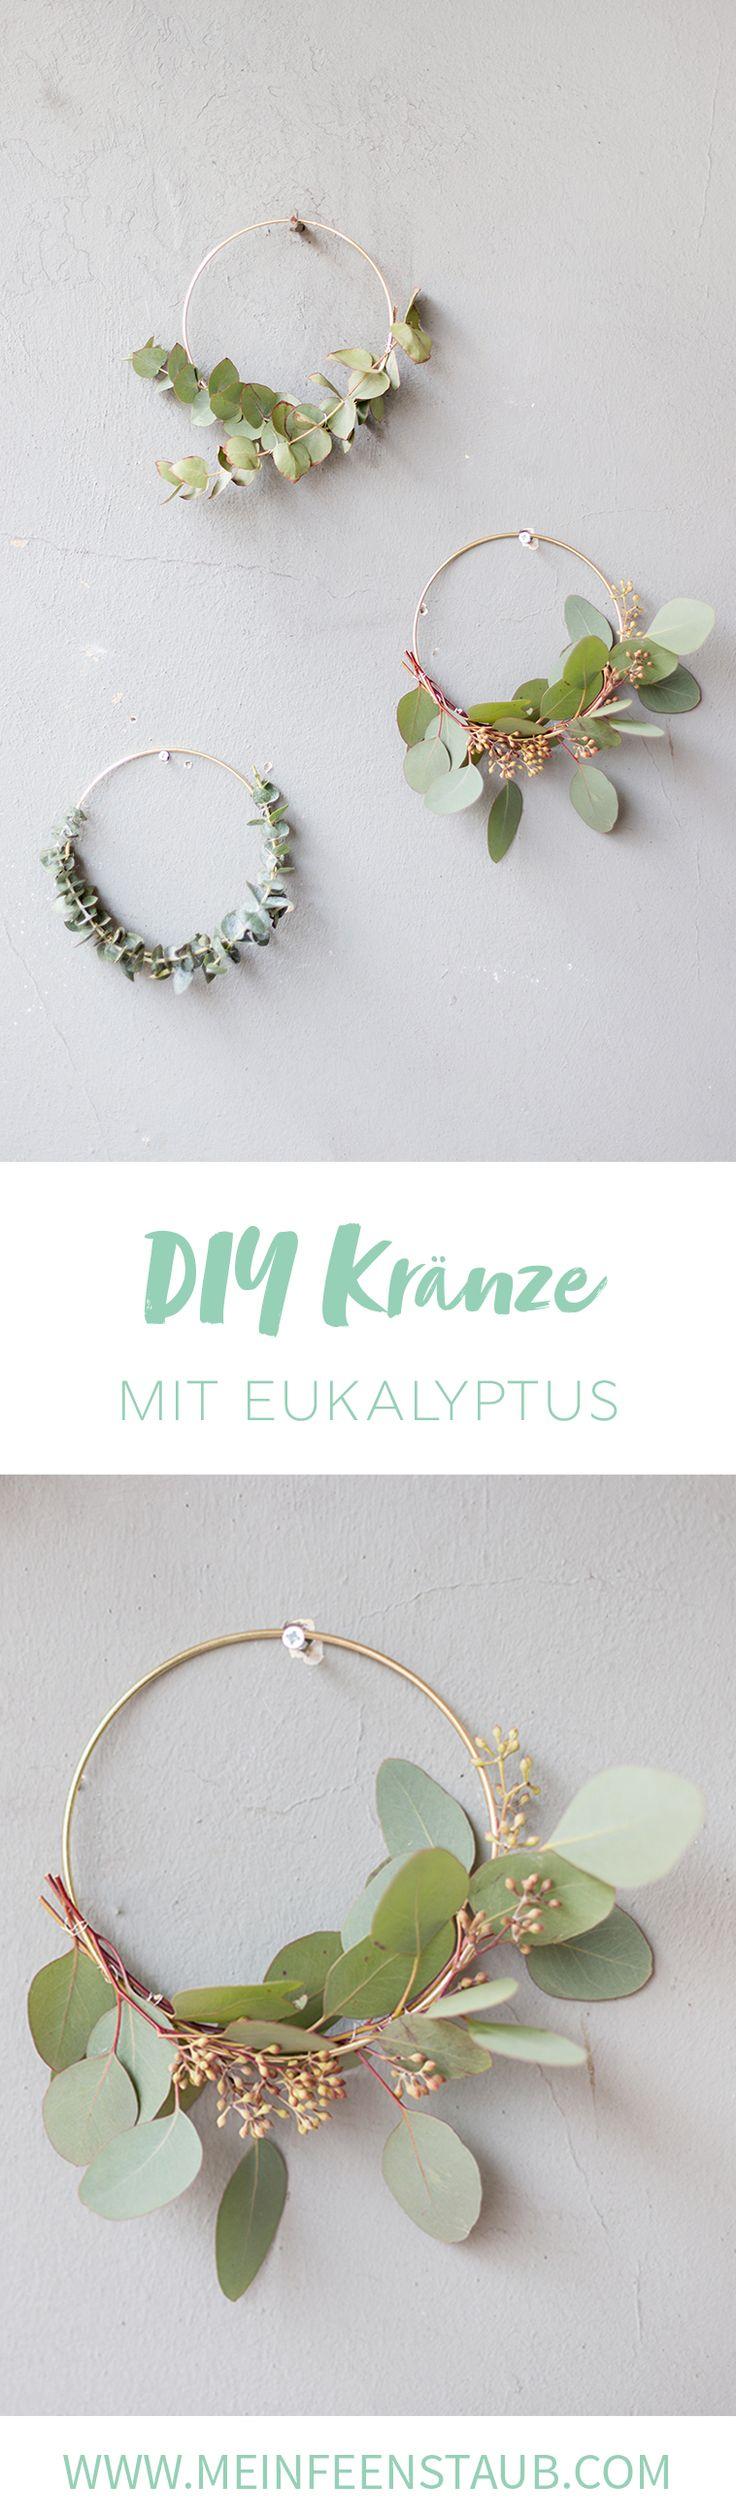 Kreative DIY Idee für weihnachtliche Deko: Eukalyptuskranz einfach selbermachen | Weihnachtsdeko selbstgemacht mit DIY Tutorial